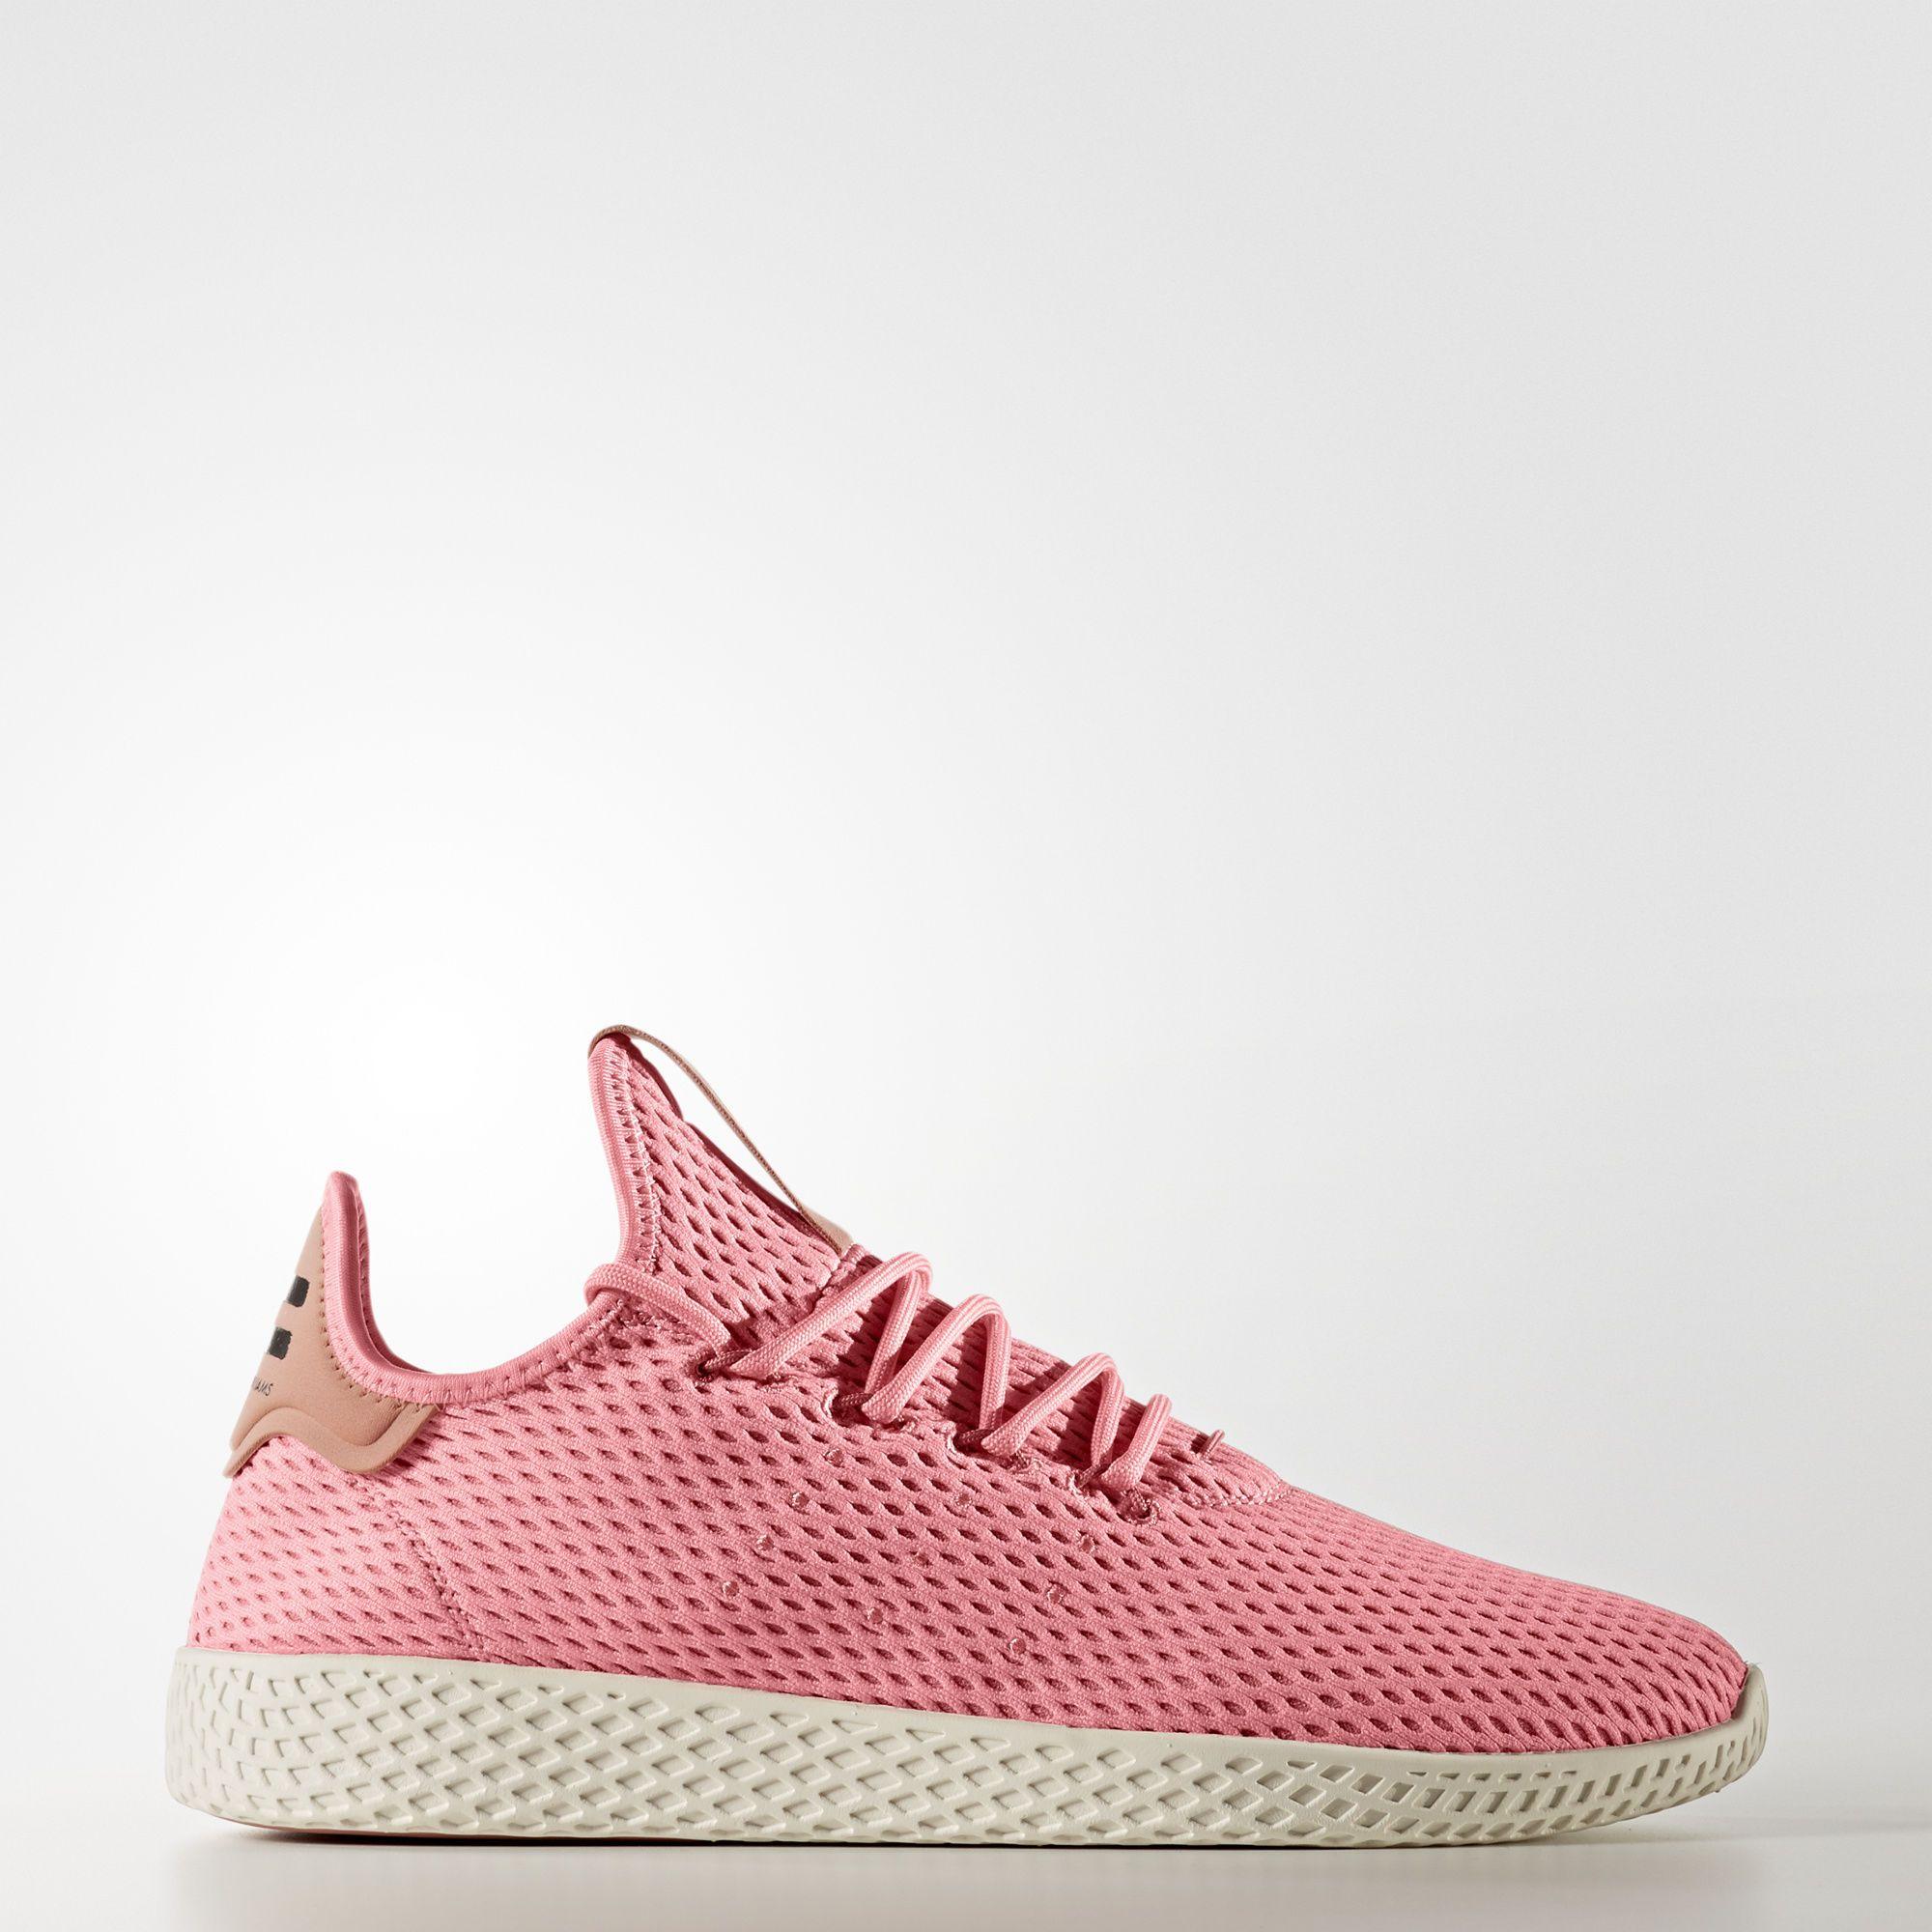 half off cab05 9ce5b Tenis Pharrell Williams Hu - Rosa en adidas.co! Descubre todos los estilos y